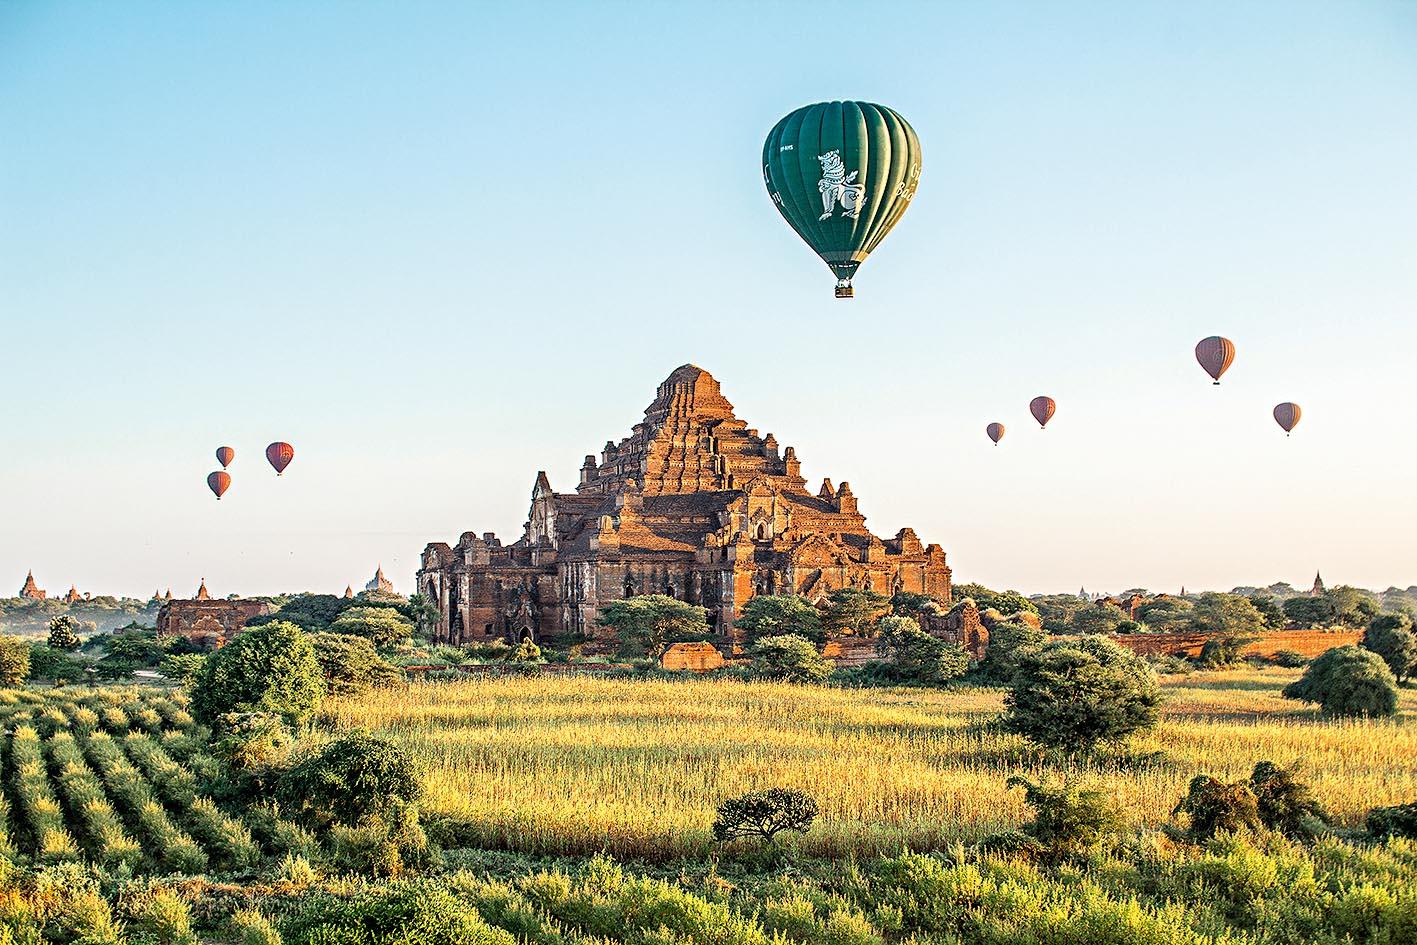 Balões coloridos sobrevoam as estupas e o gramado da região. Ao fundo, outros templos aparecem ao longo do horizonte